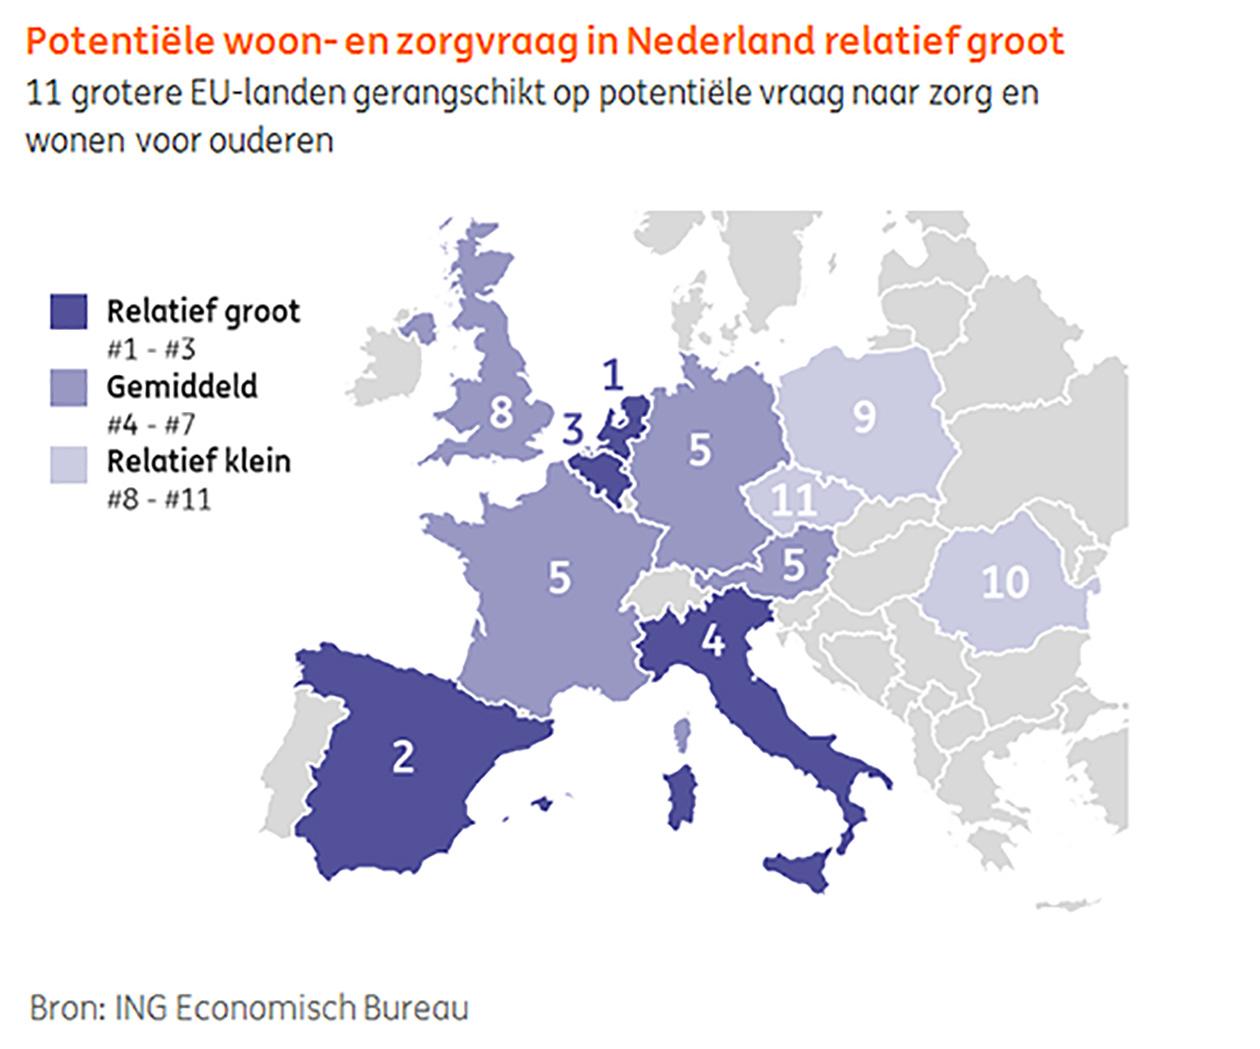 Potentiële woon- en zorgaanvraag in Nederland relatief groot